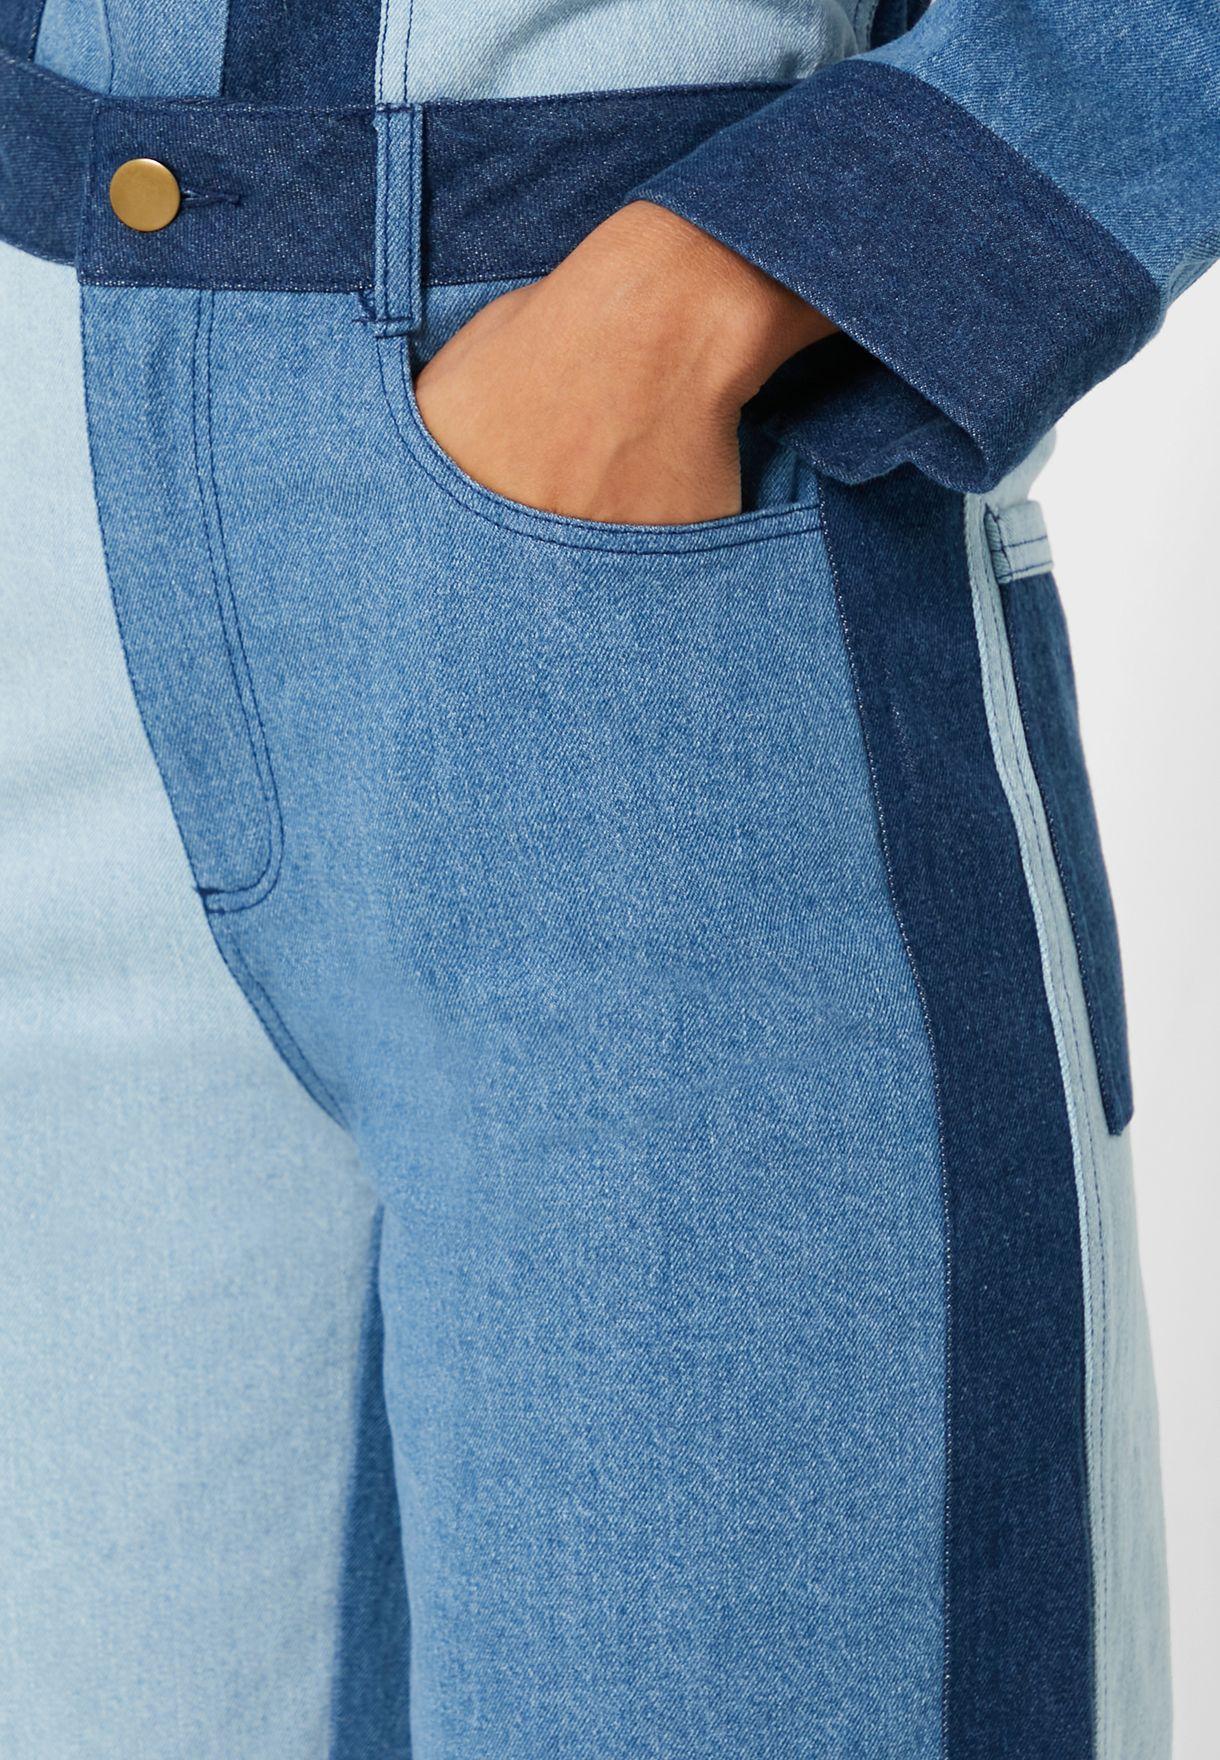 Patchwork Colorblock Jeans